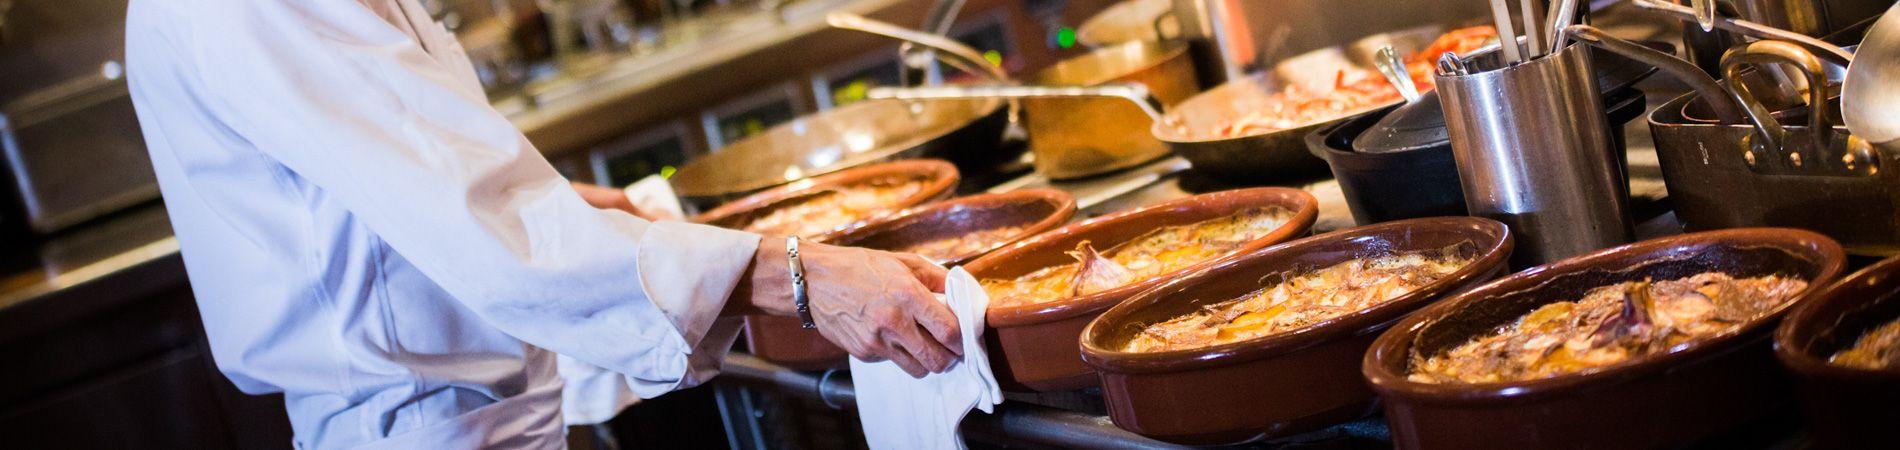 Preparación para el asador del grand buffet de narbonne.